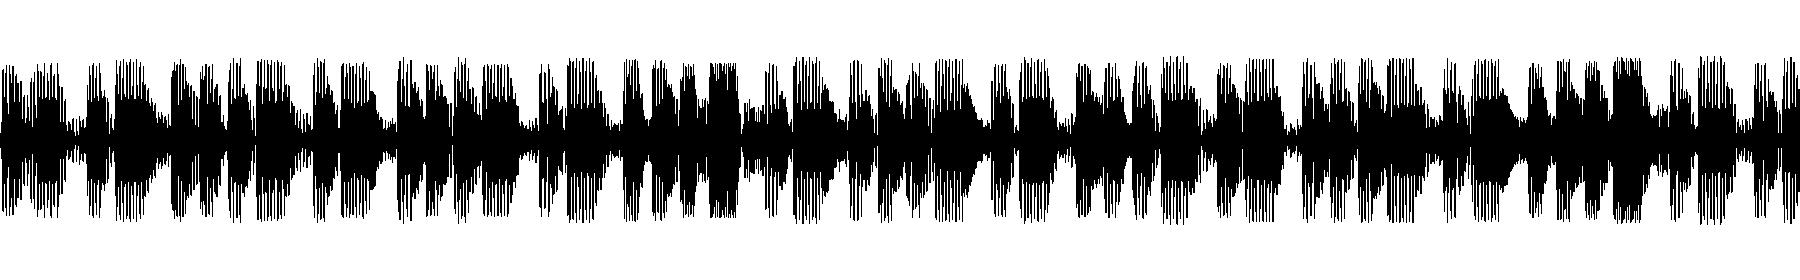 159551 130 wooden bass wav